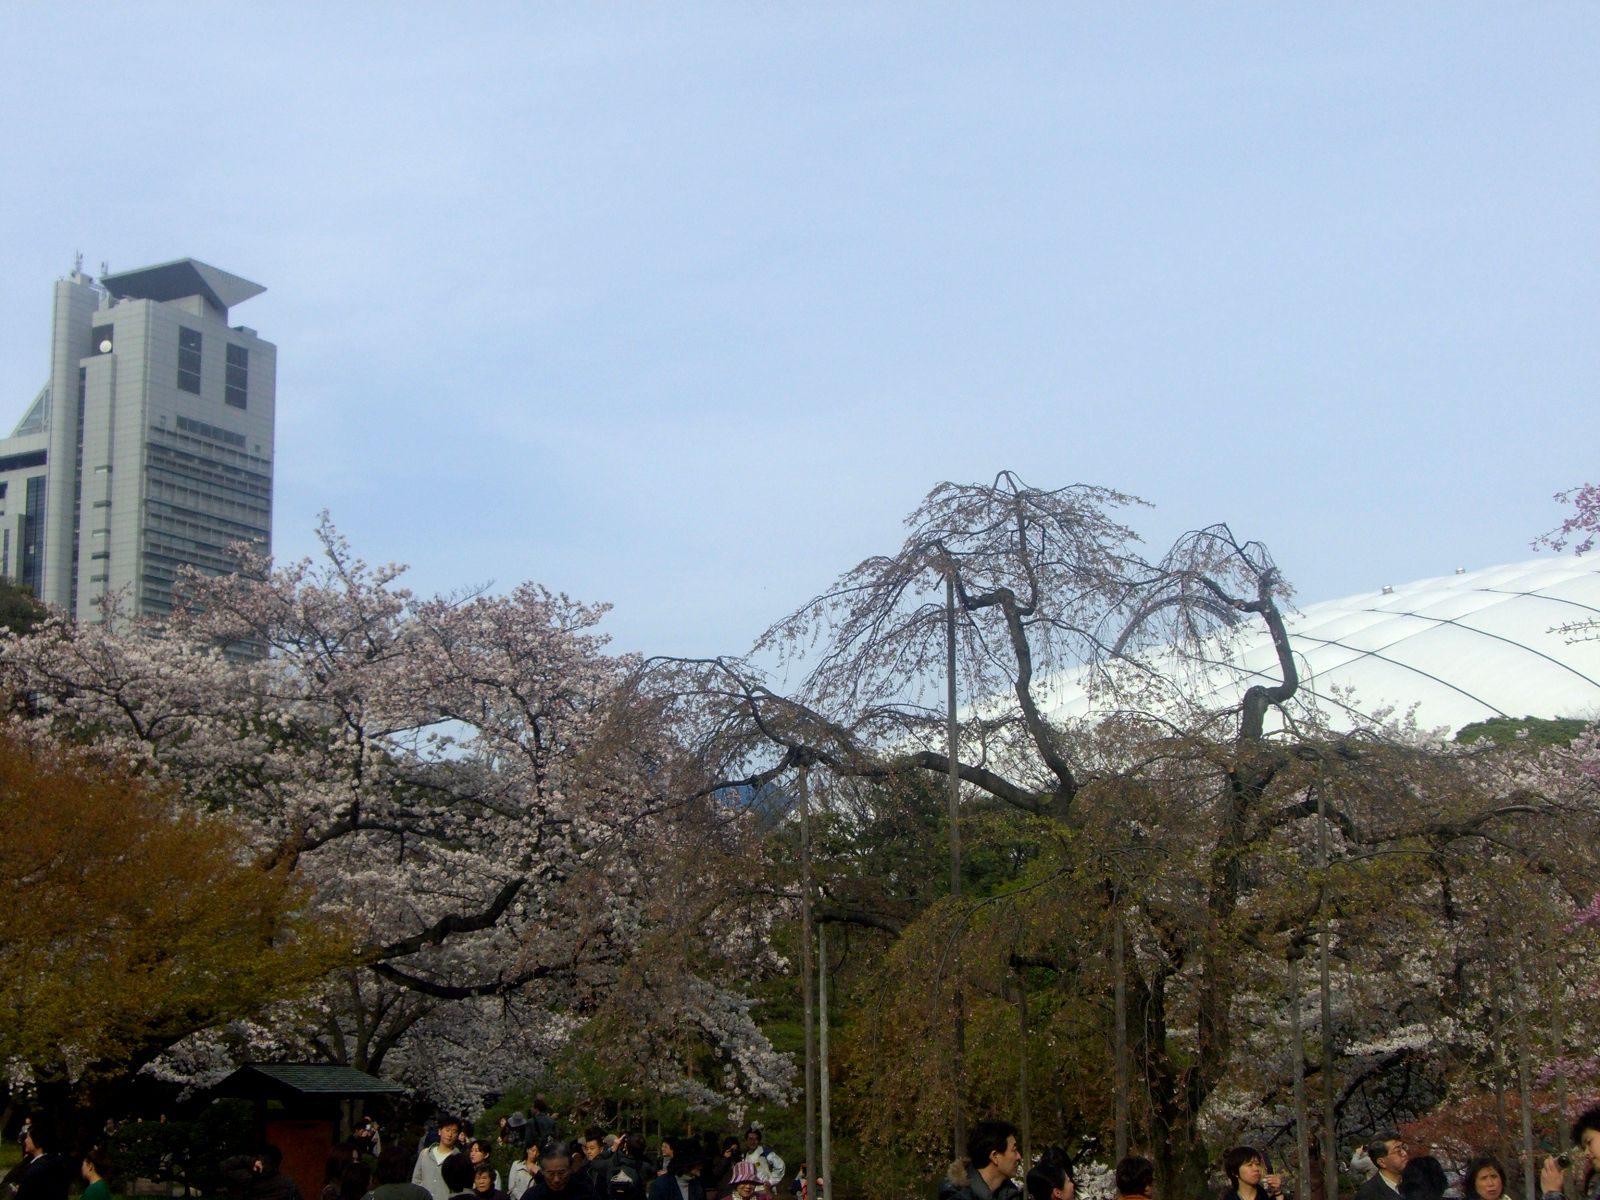 从园内可以看到文京区役所和东京巨蛋